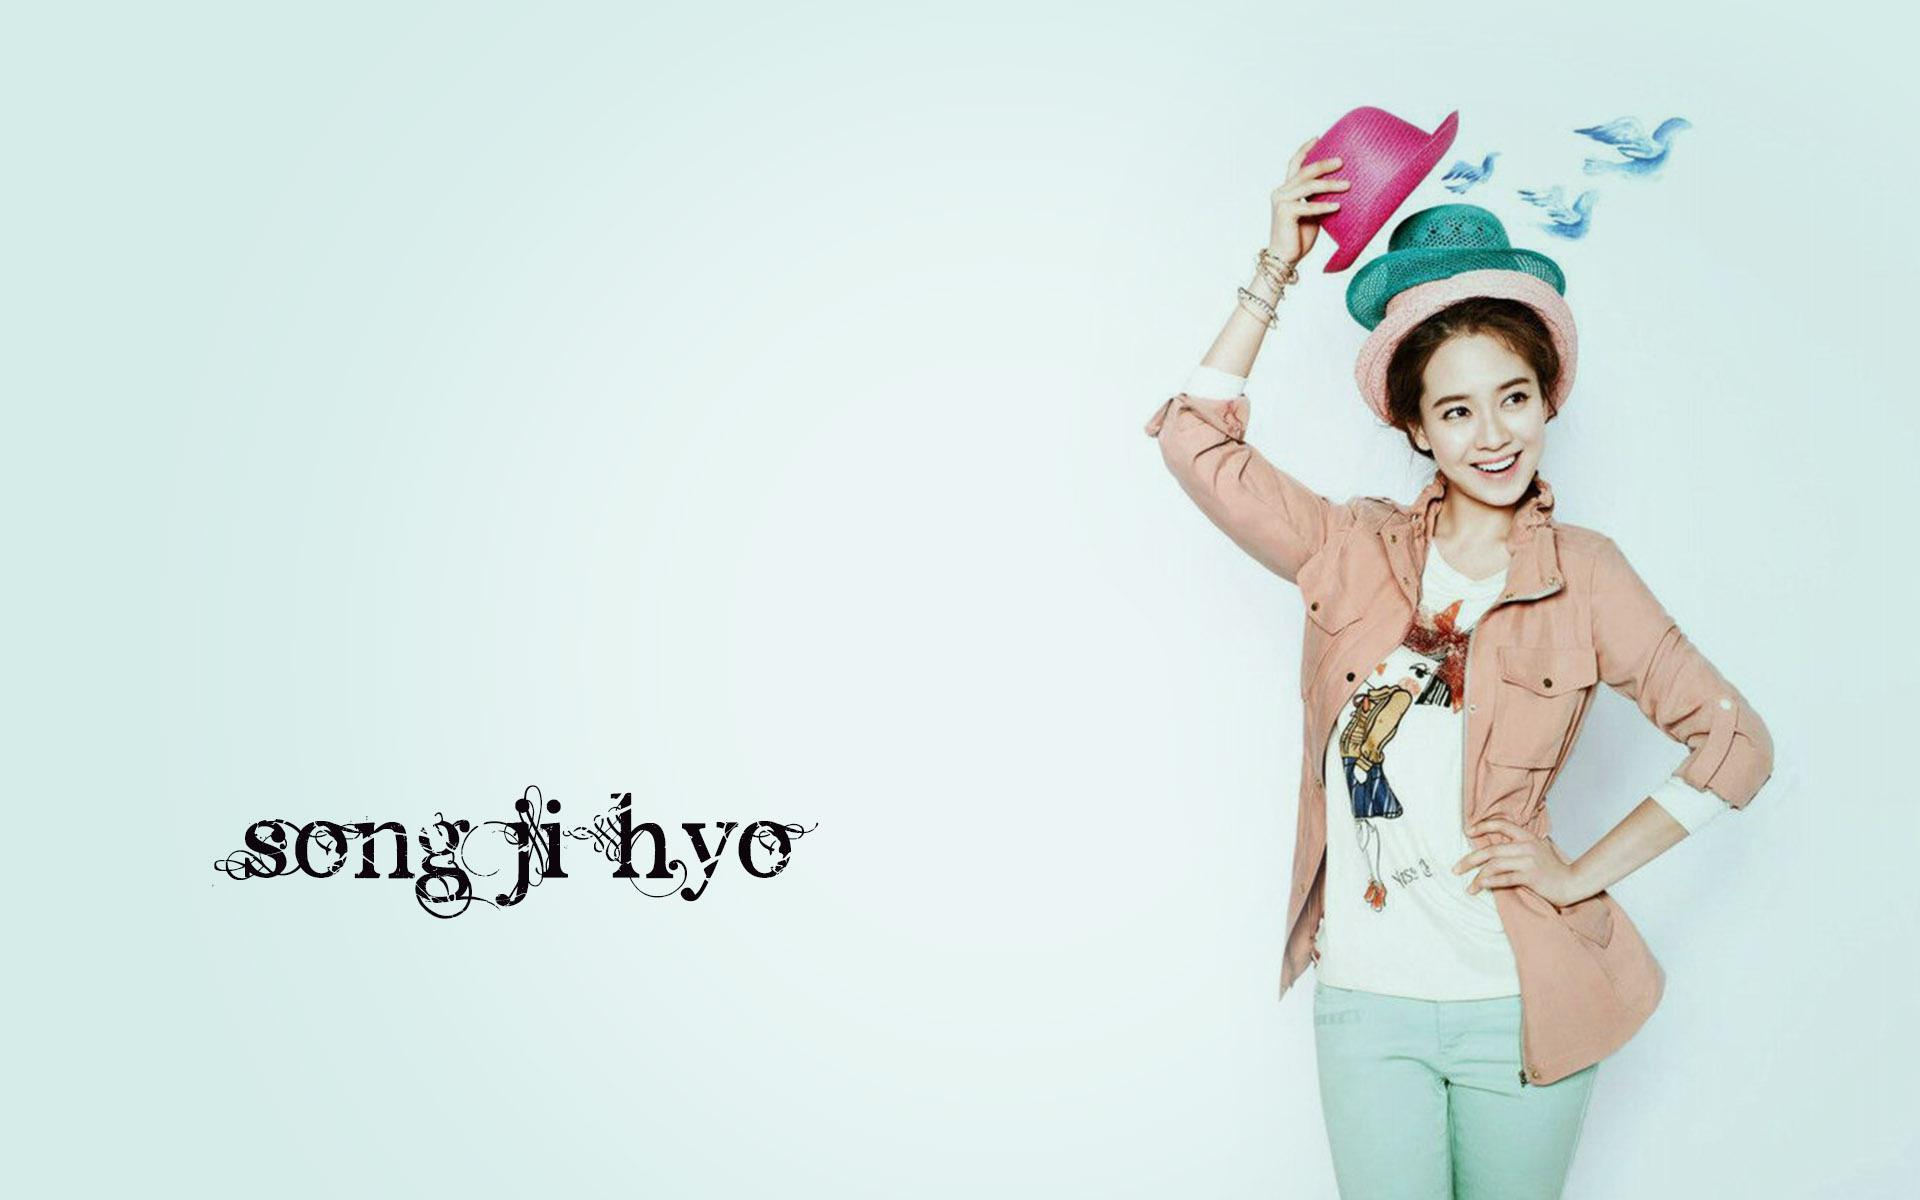 Cute Korean Art Wallpaper Song Ji Hyo Pc Wallpaper Other Wallpaper Better